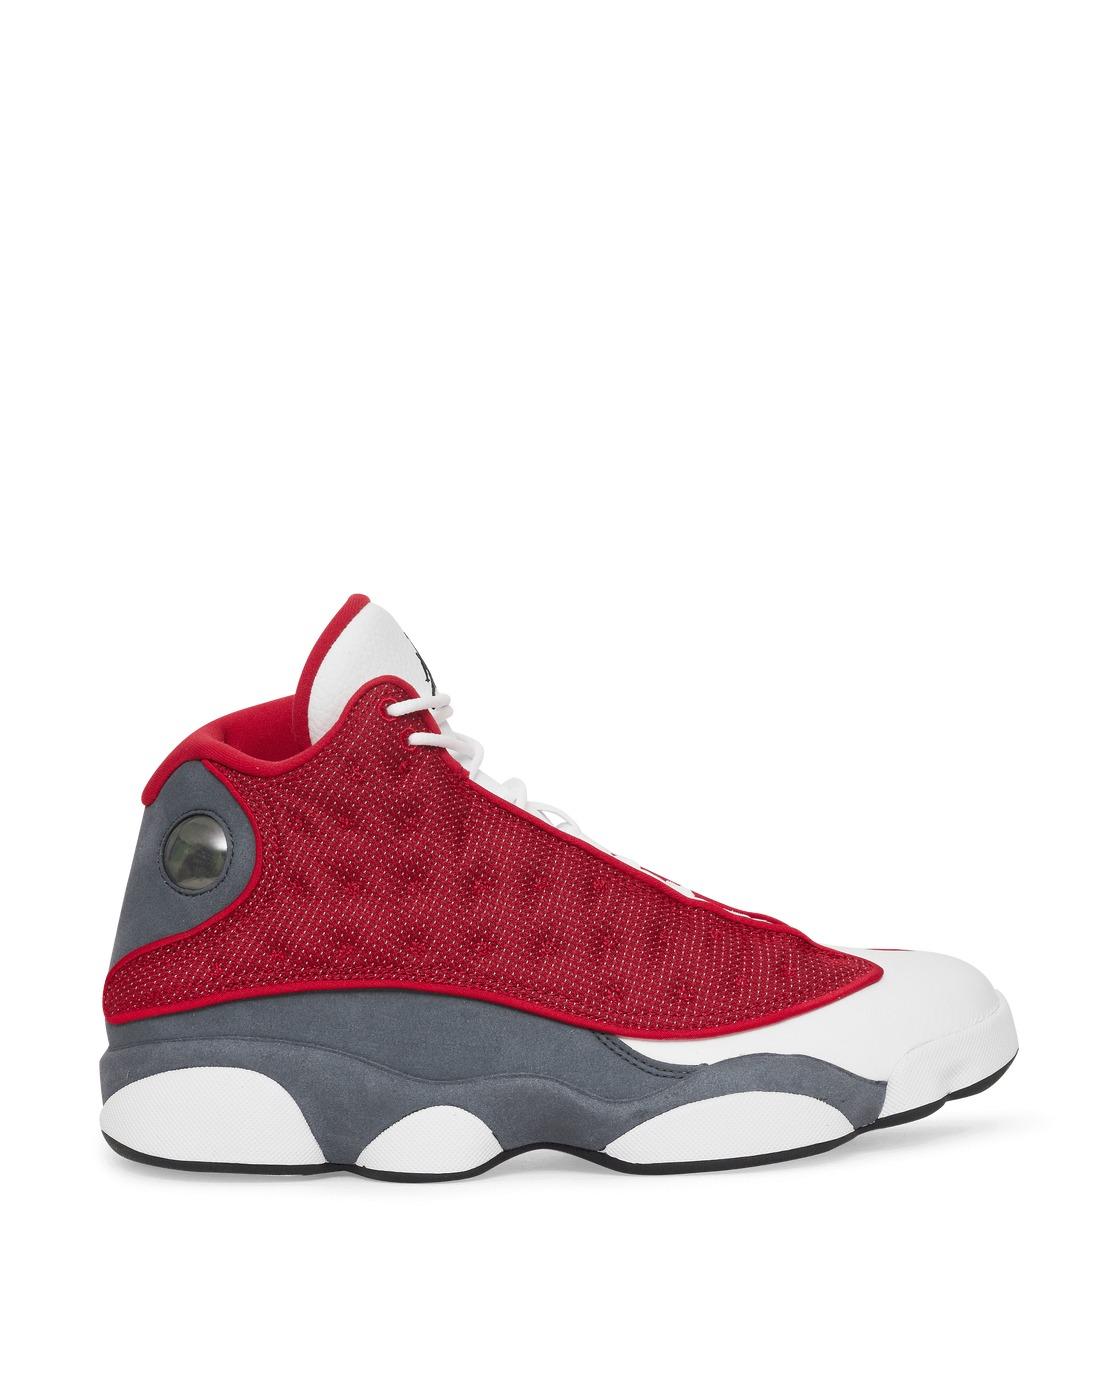 Photo: Nike Jordan Air Jordan 13 Retro Sneakers Gym Red/Black